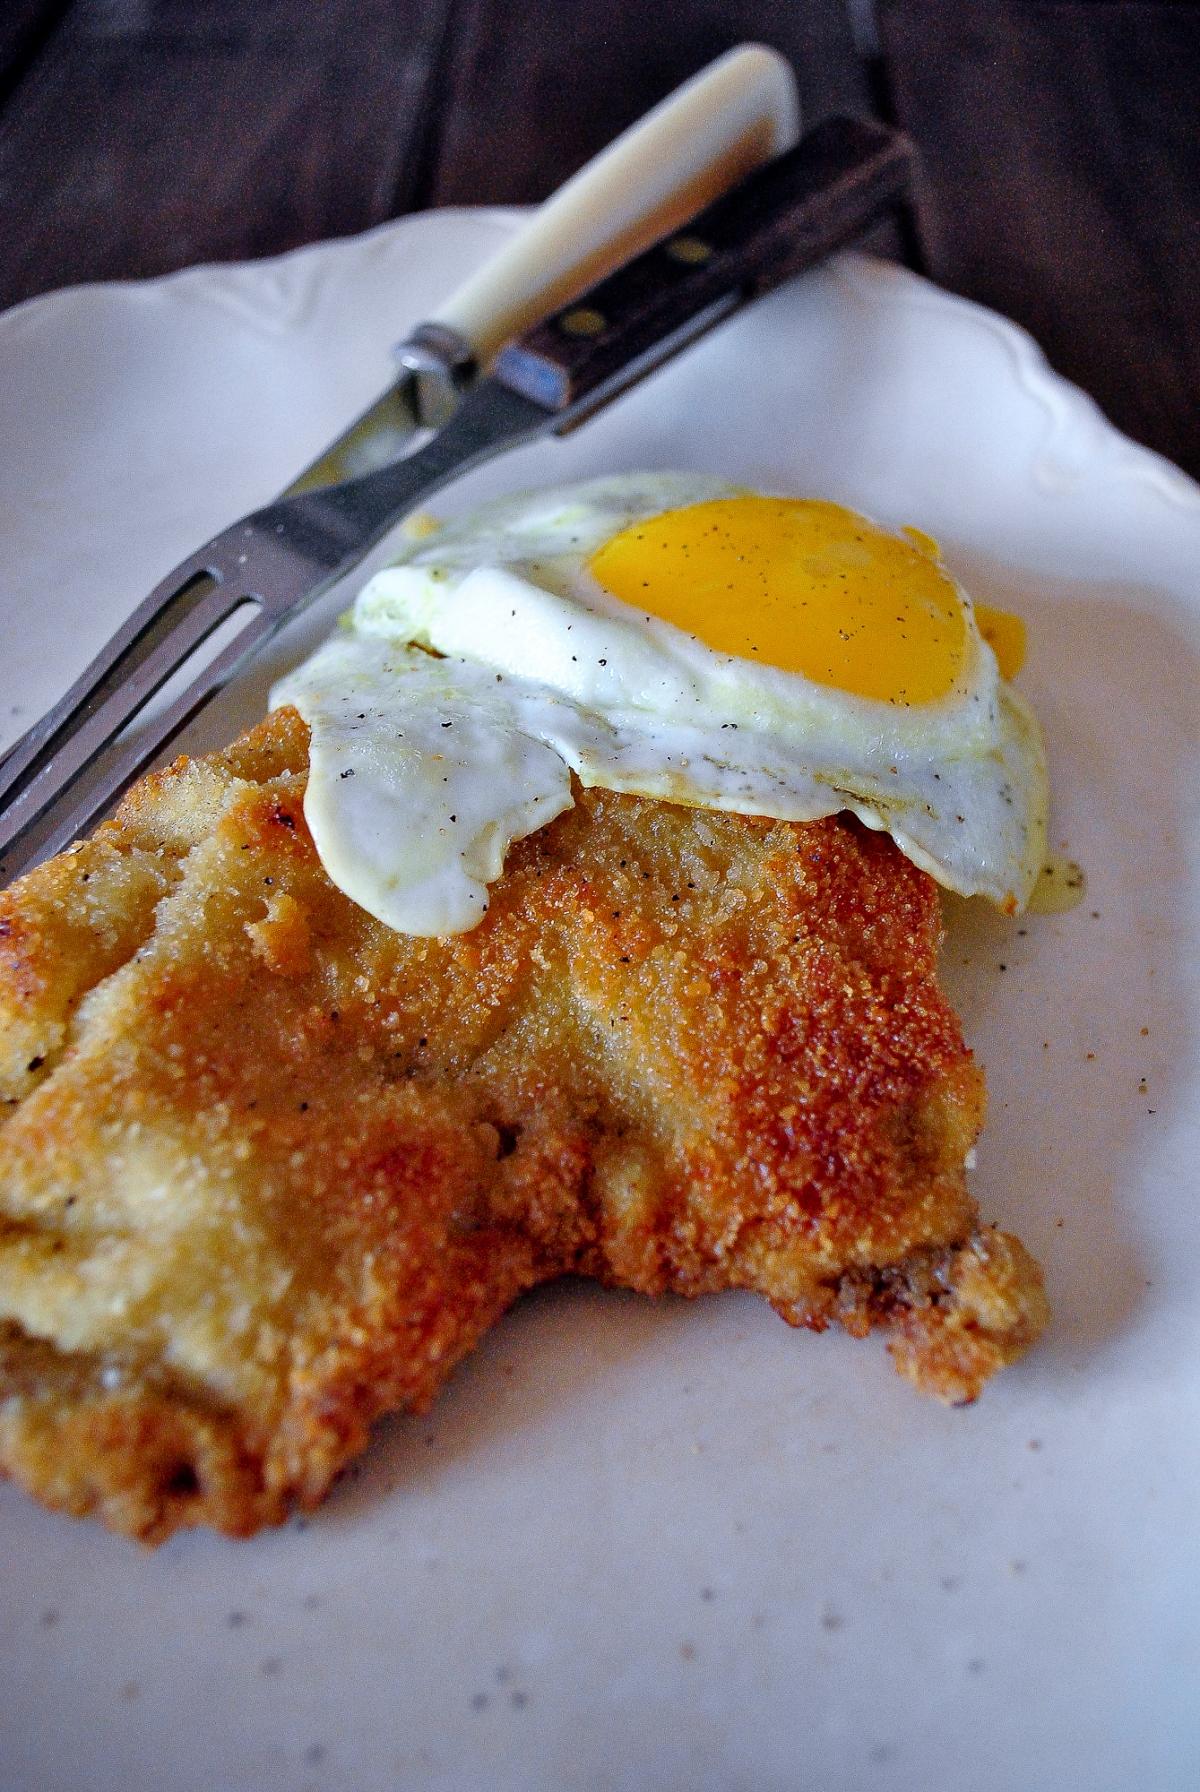 Bistec Apanado Pan Fried Breaded Steak 187 Okie Dokie